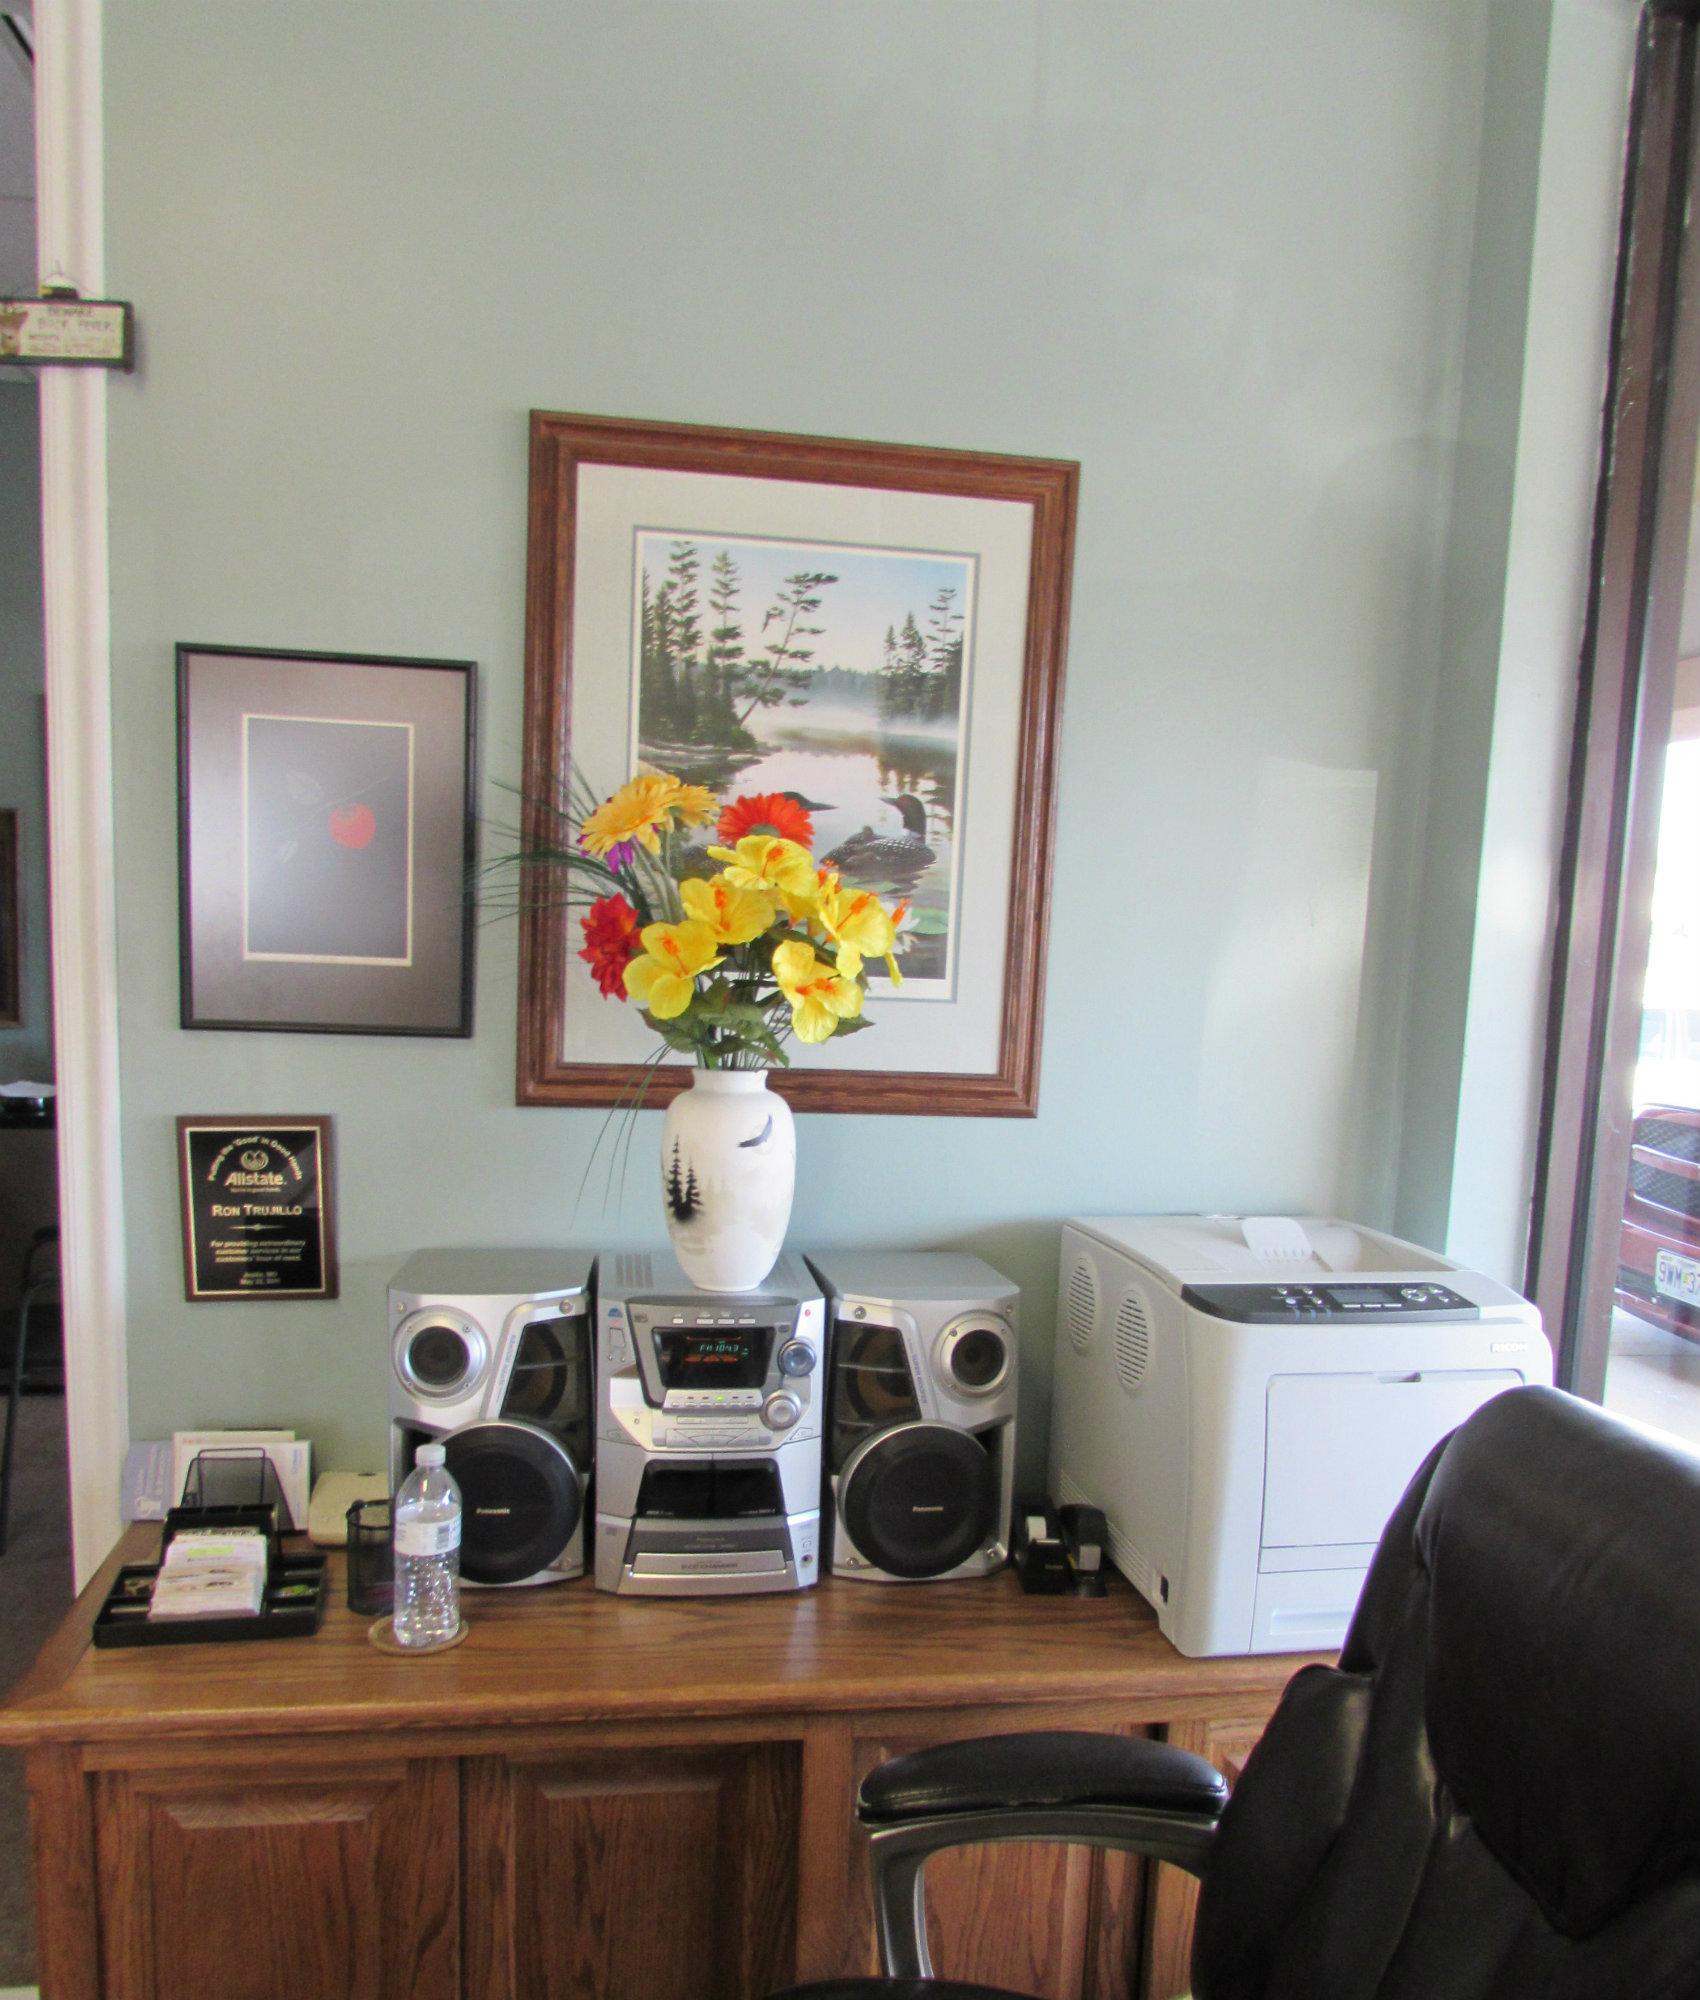 Allstate Insurance Agent: Ron Trujillo FSS image 2